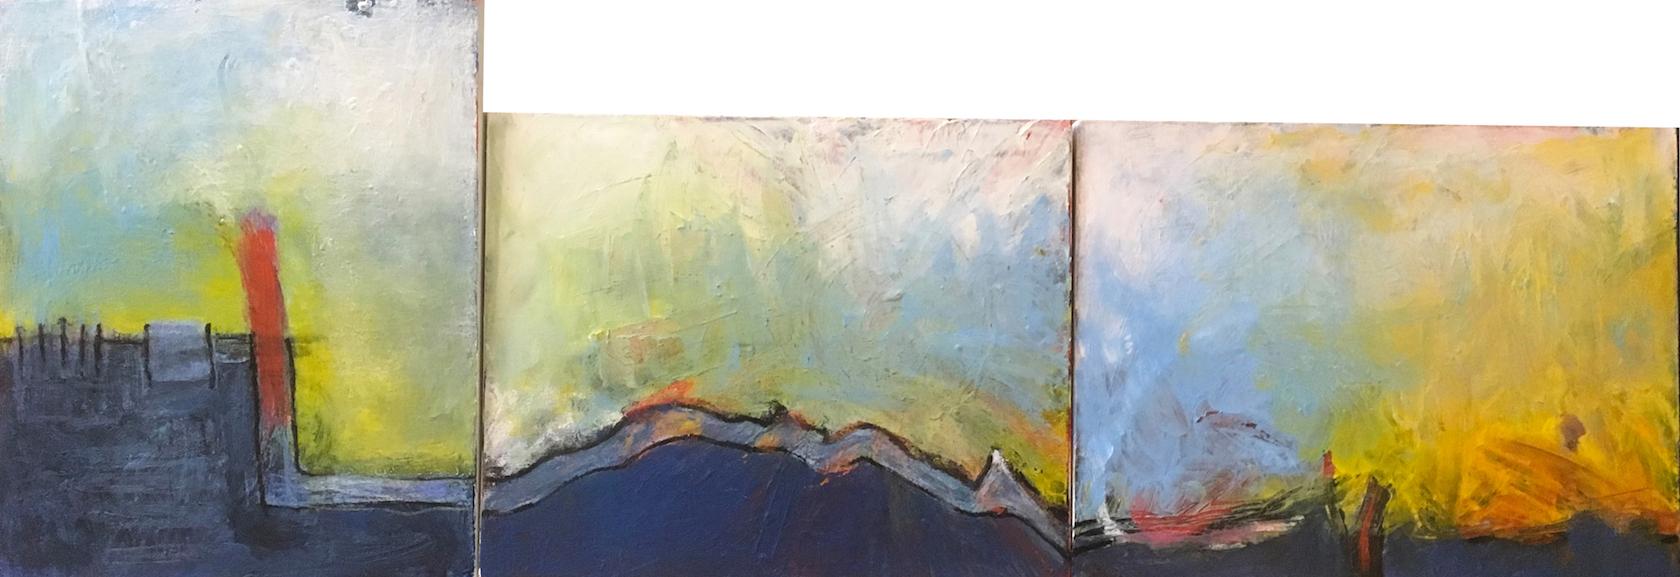 David S. McKee: Triptych Landscape